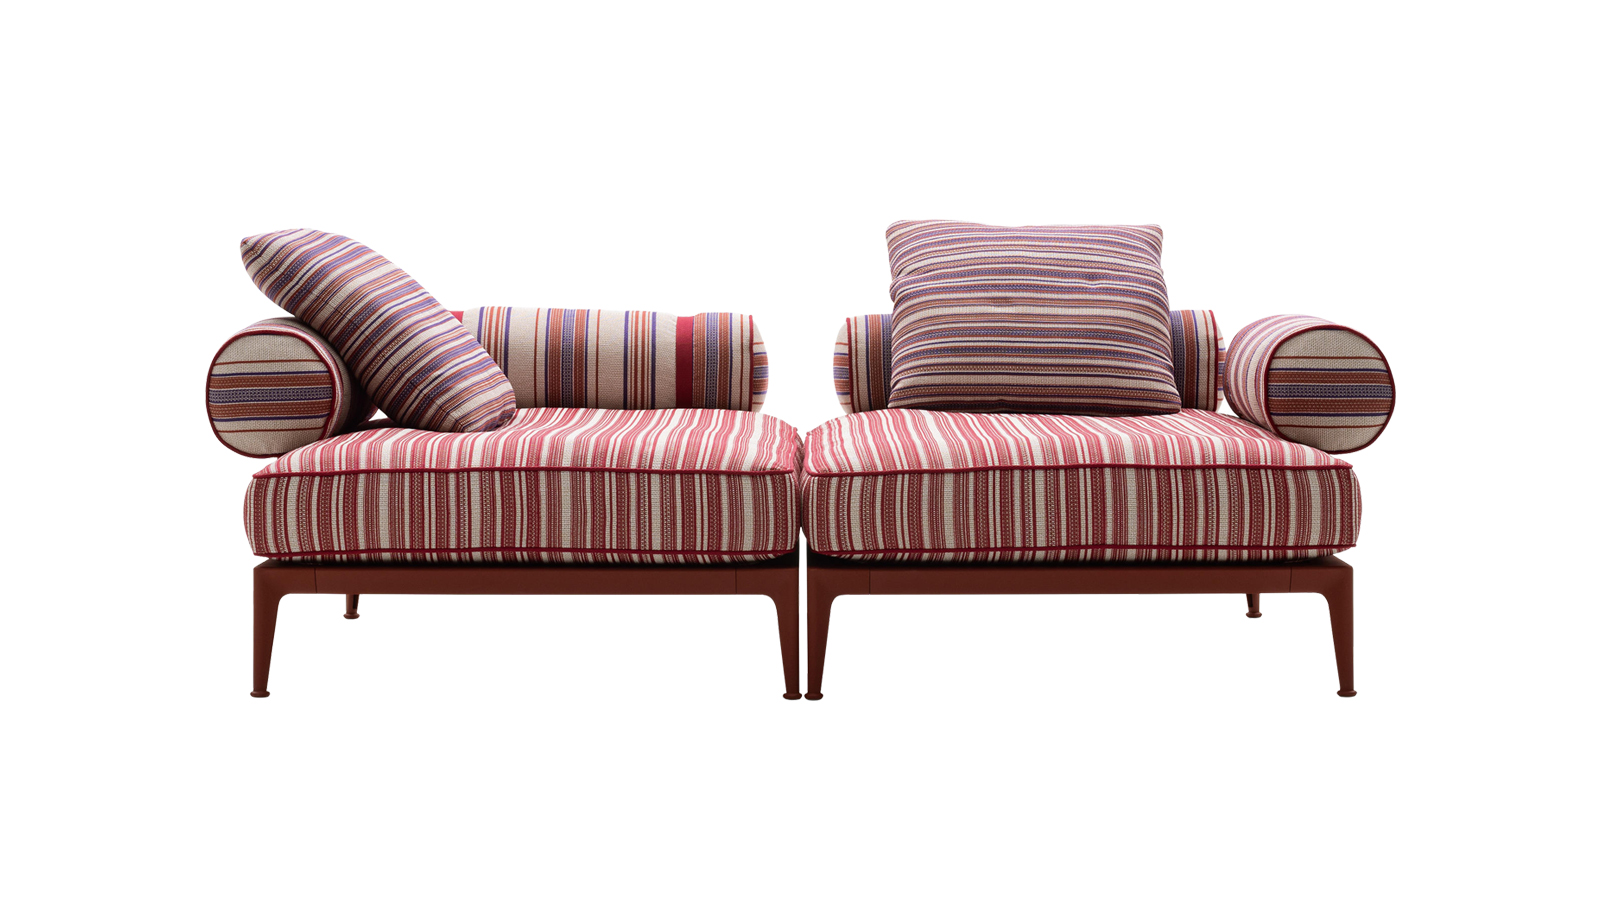 Az olasz vidéki házak otthonosságát és barátságos stílusát képviseli a Ribes kanapérendszer, mely a modern kor igényeit is kielégíti. Az antik heverőket megidéző bútorcsalád modularitásának és széles anyagválasztékának köszönhetően könnyedén használója igényeire szabható, puha rácsos háttámlájának és ülőrészének hála pedig maximális kényelmet biztosít.